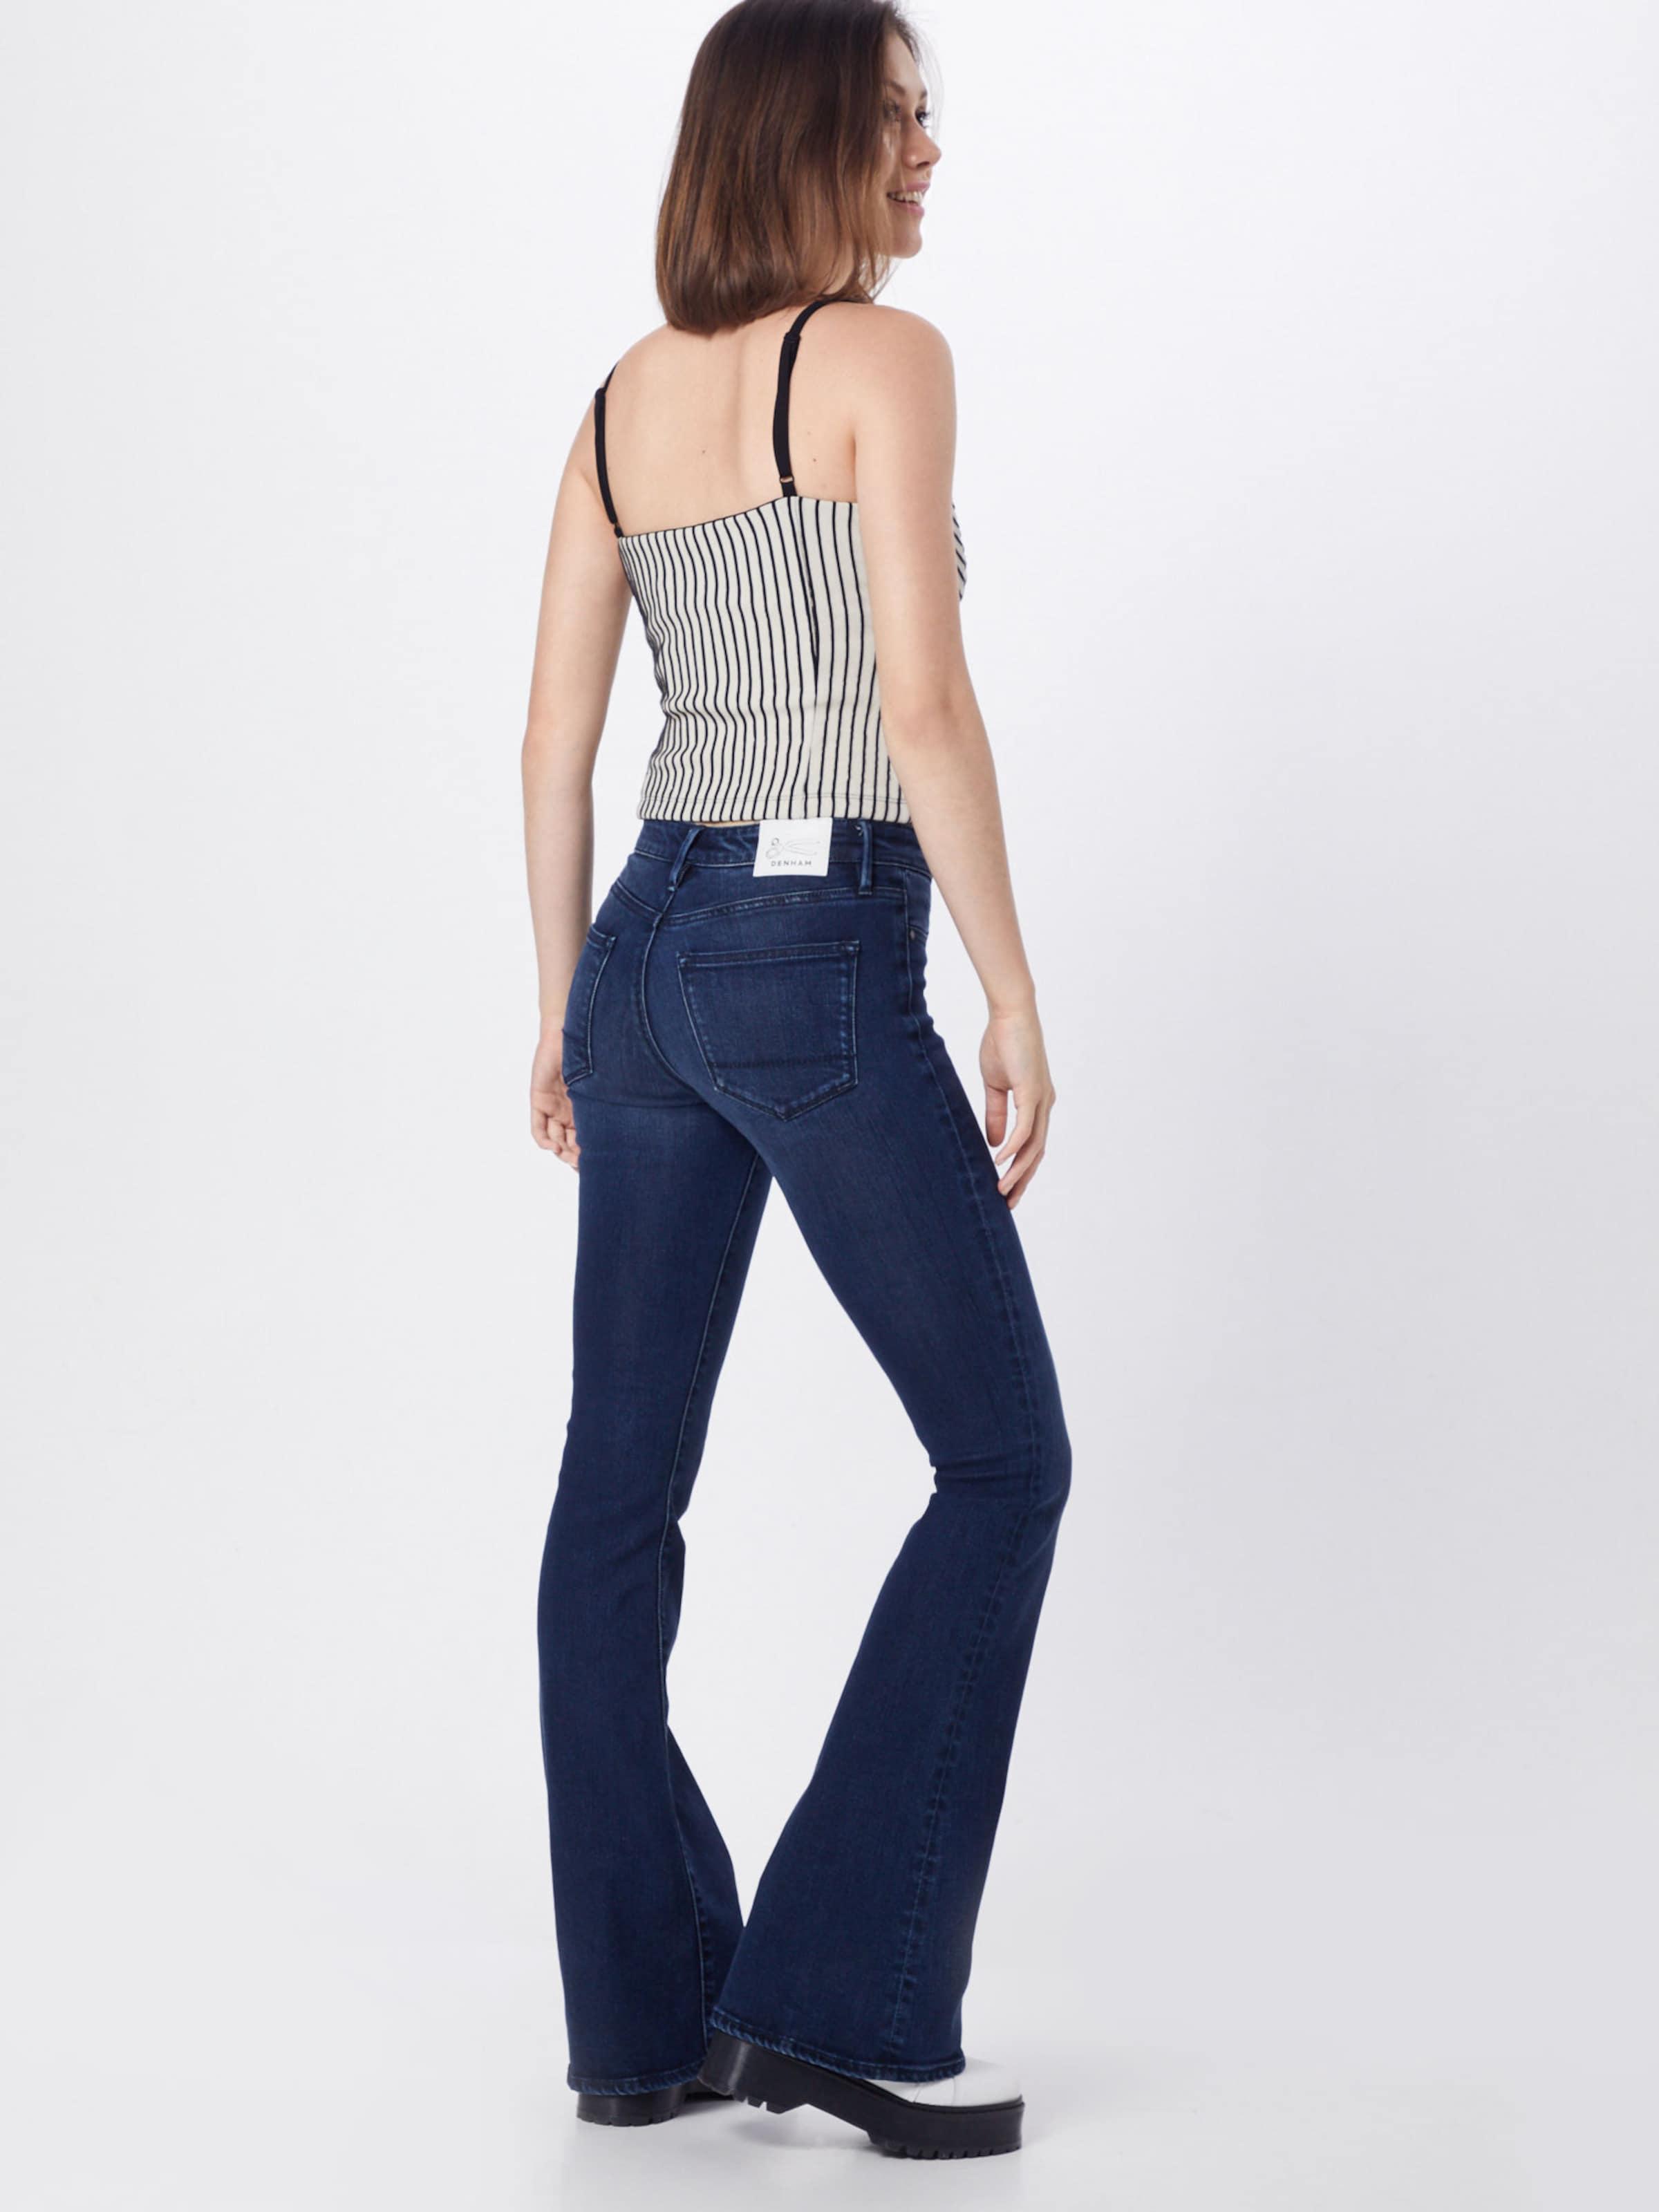 Blue Denham In Sapp' Denim 'farrah Jeans AL45Rj